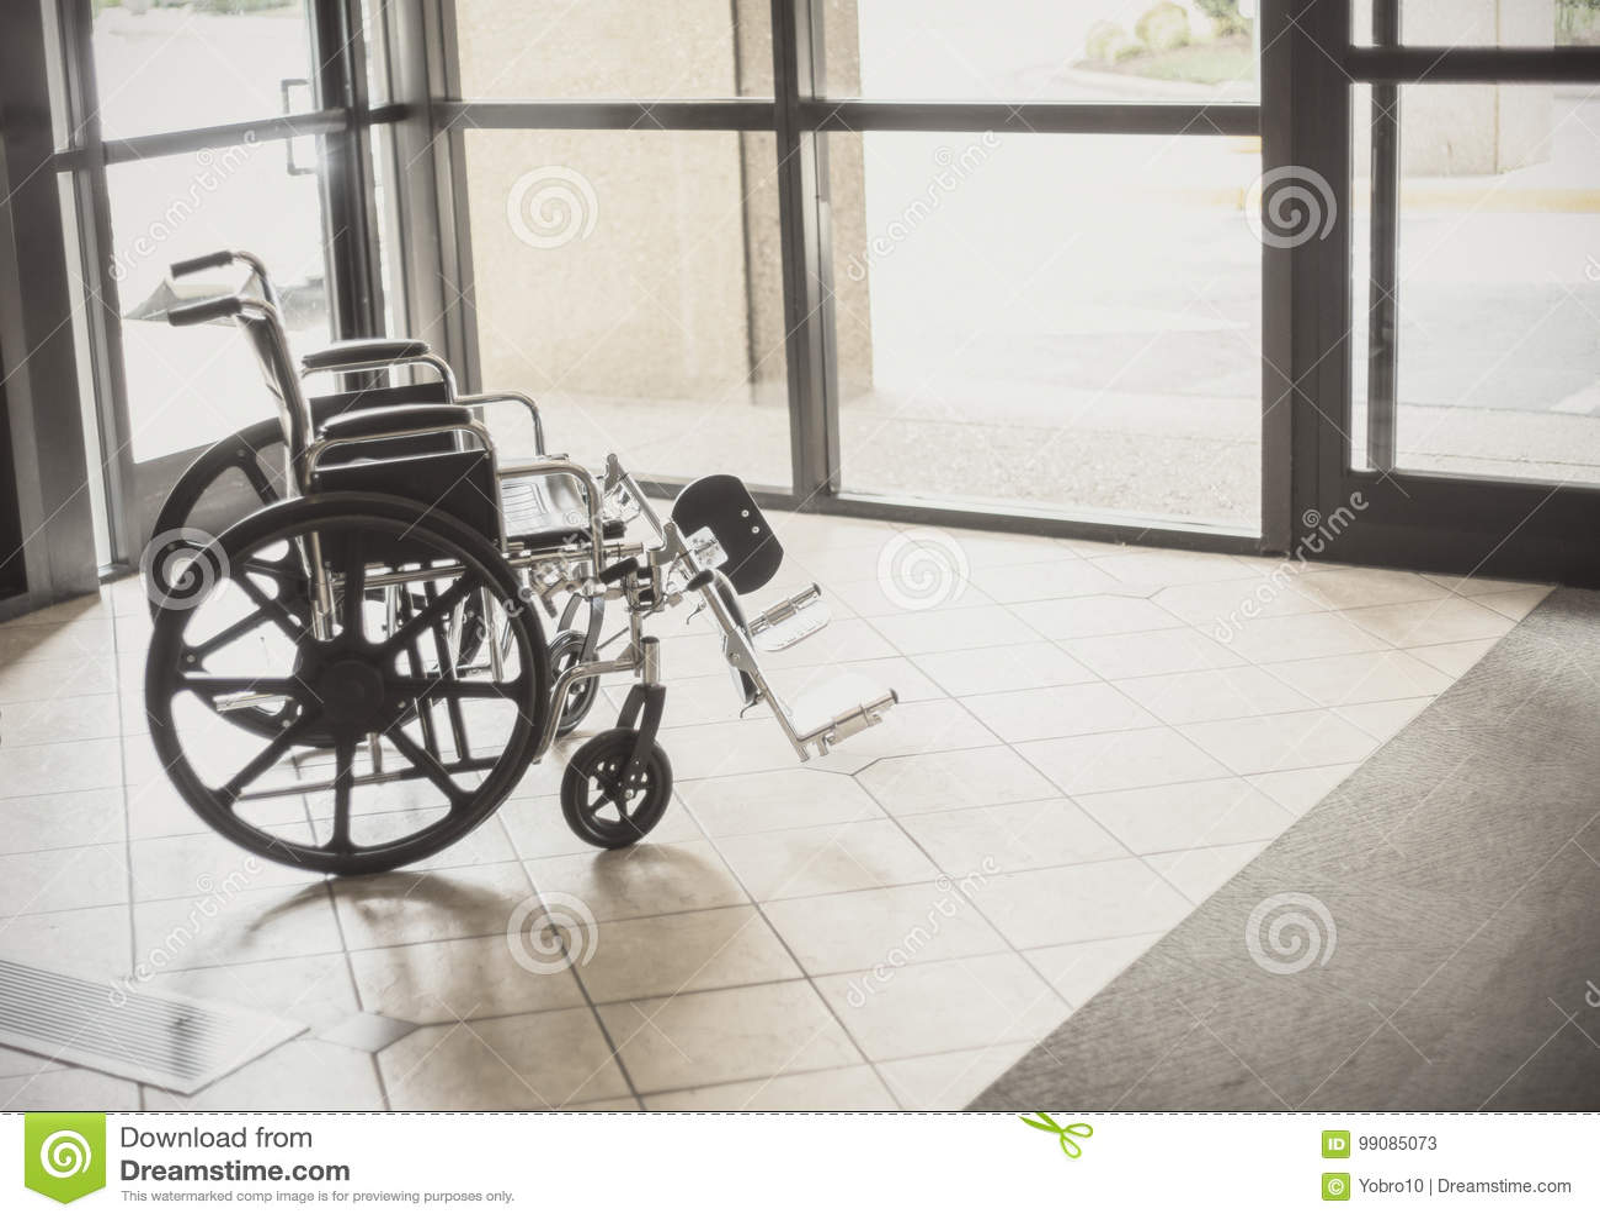 Fauteuil roulant dans un hôpital